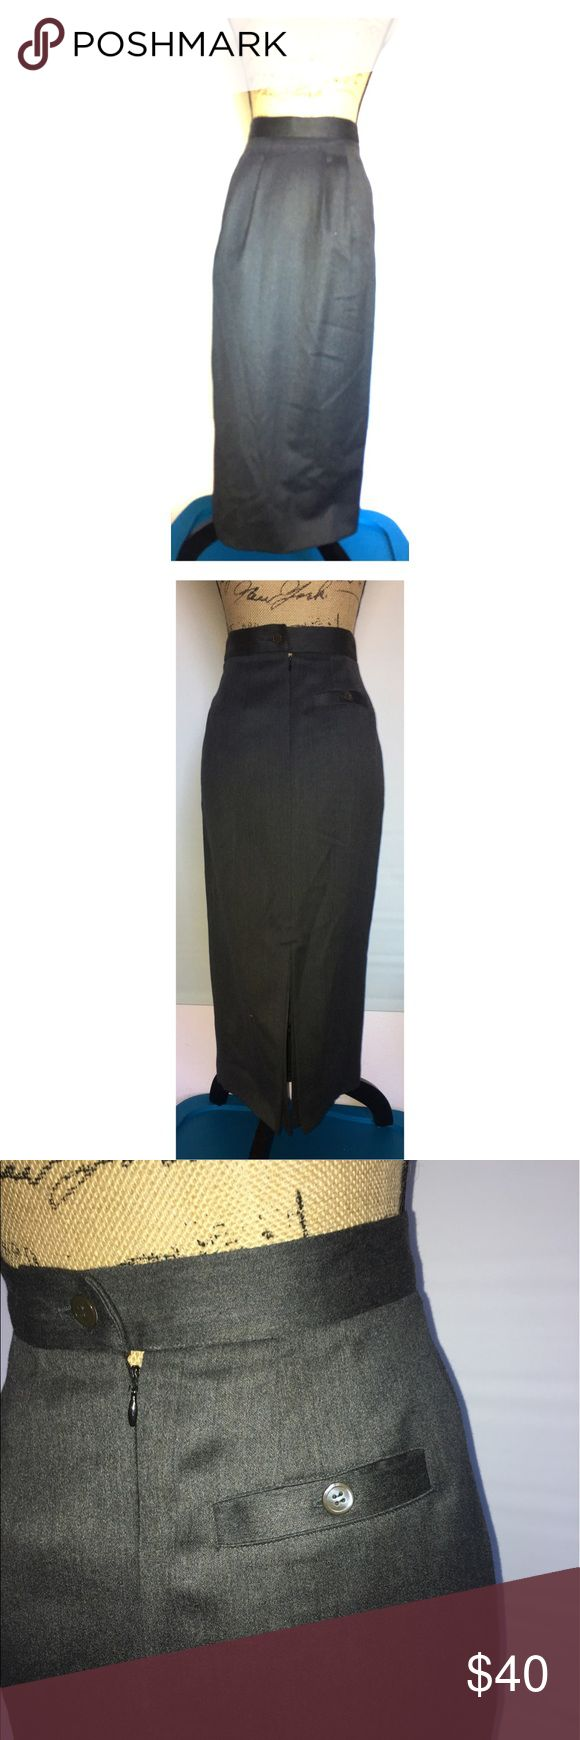 17 best ideas about Long Pencil Skirt on Pinterest | Pencil skirt ...